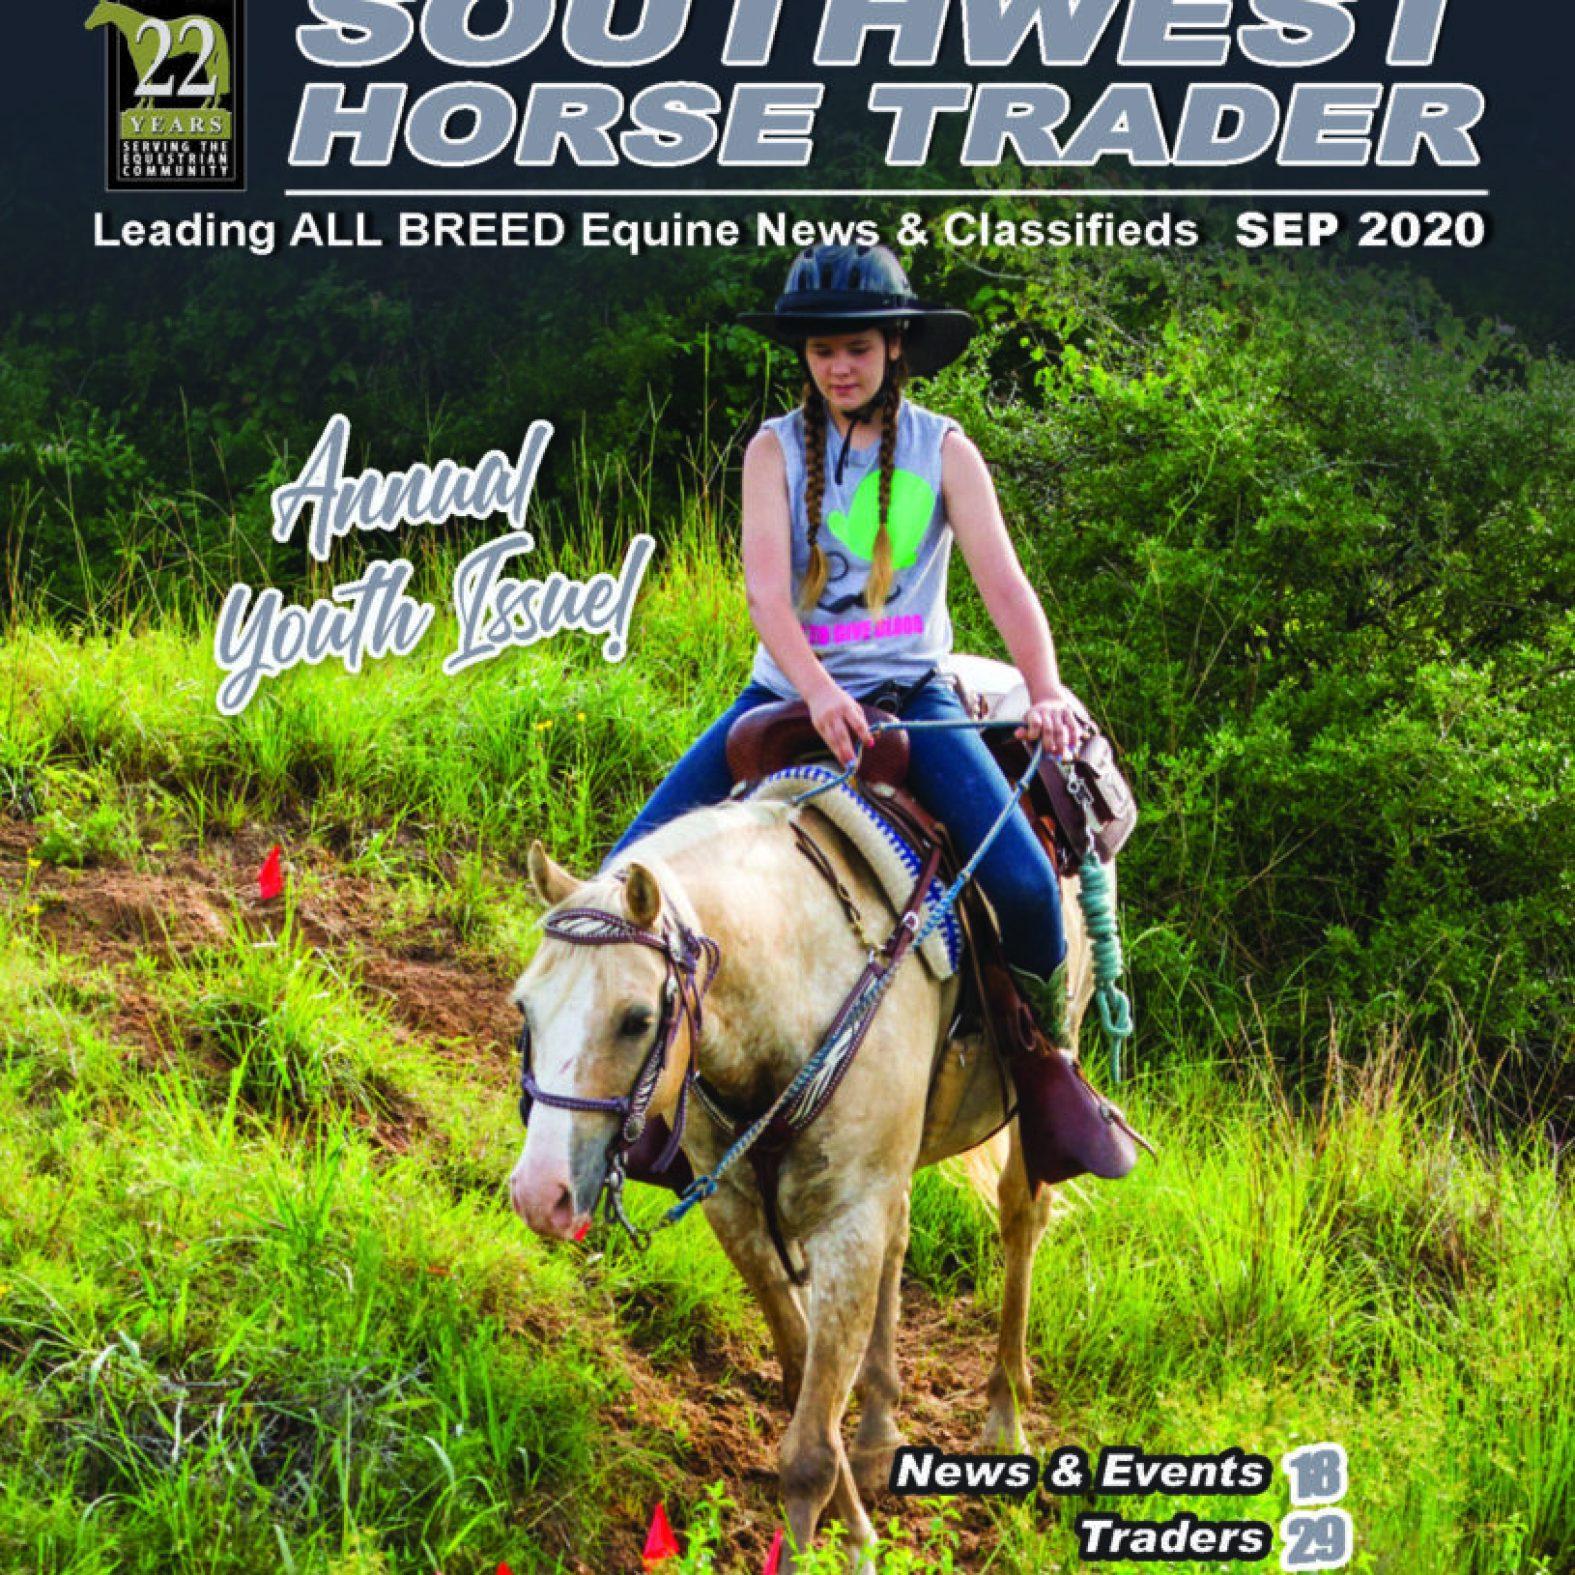 SouthWest Horse Trader September 2020 Issue